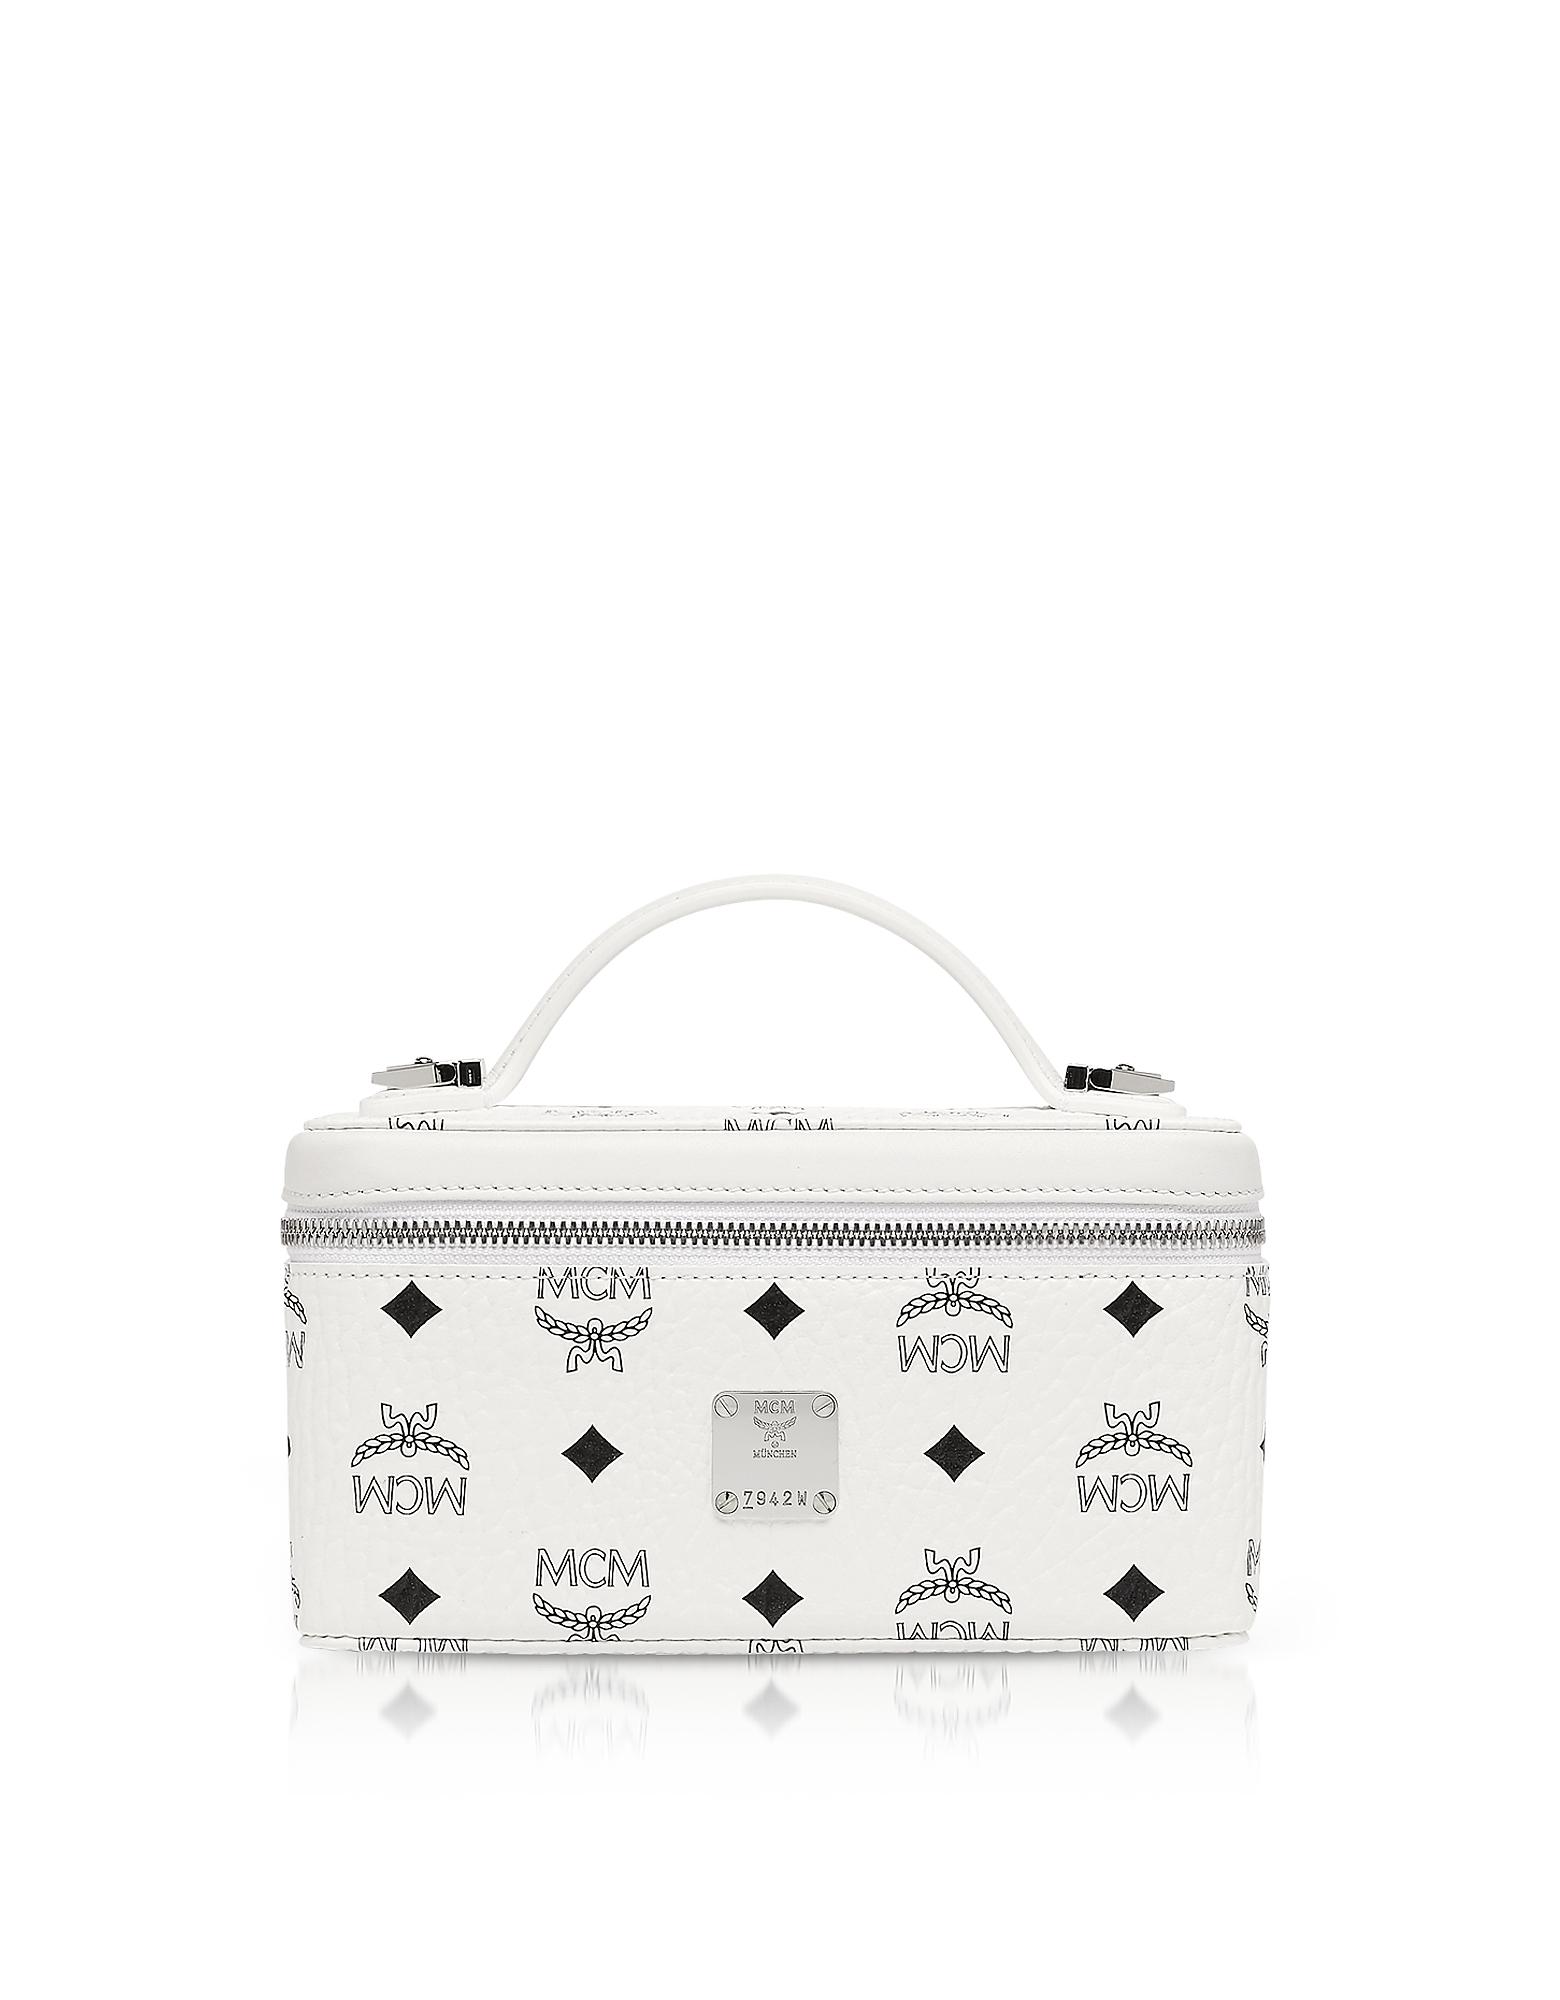 MCM Handbags, Visetos Original Rockstar Vanity Case Crossbody Bag